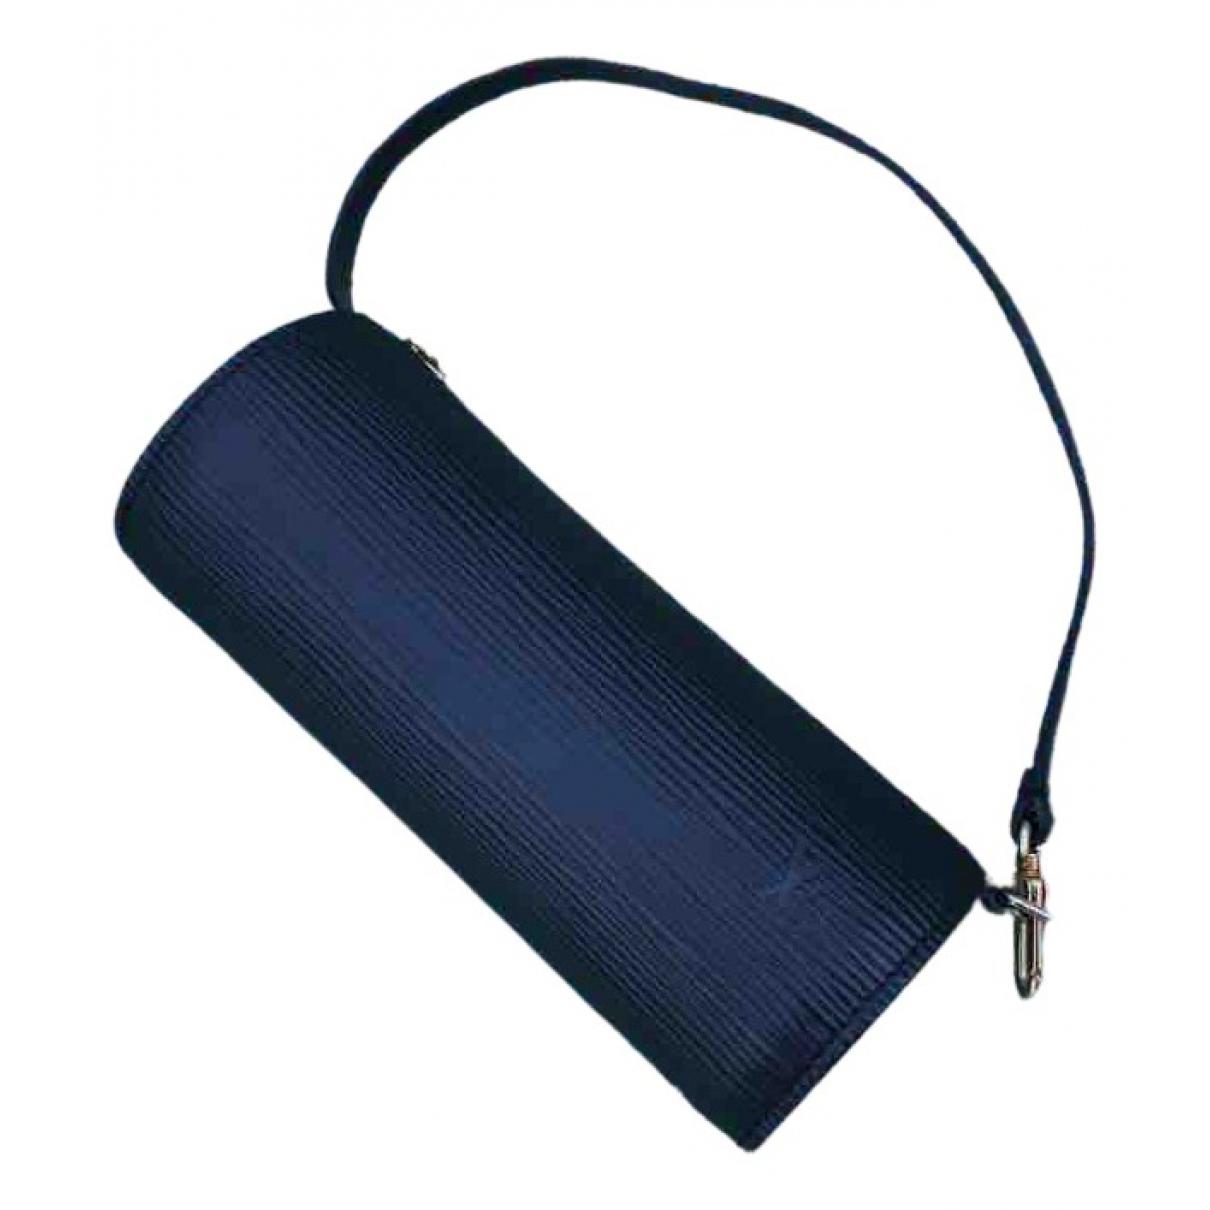 Louis Vuitton - Sac a main Papillon pour femme en cuir - noir